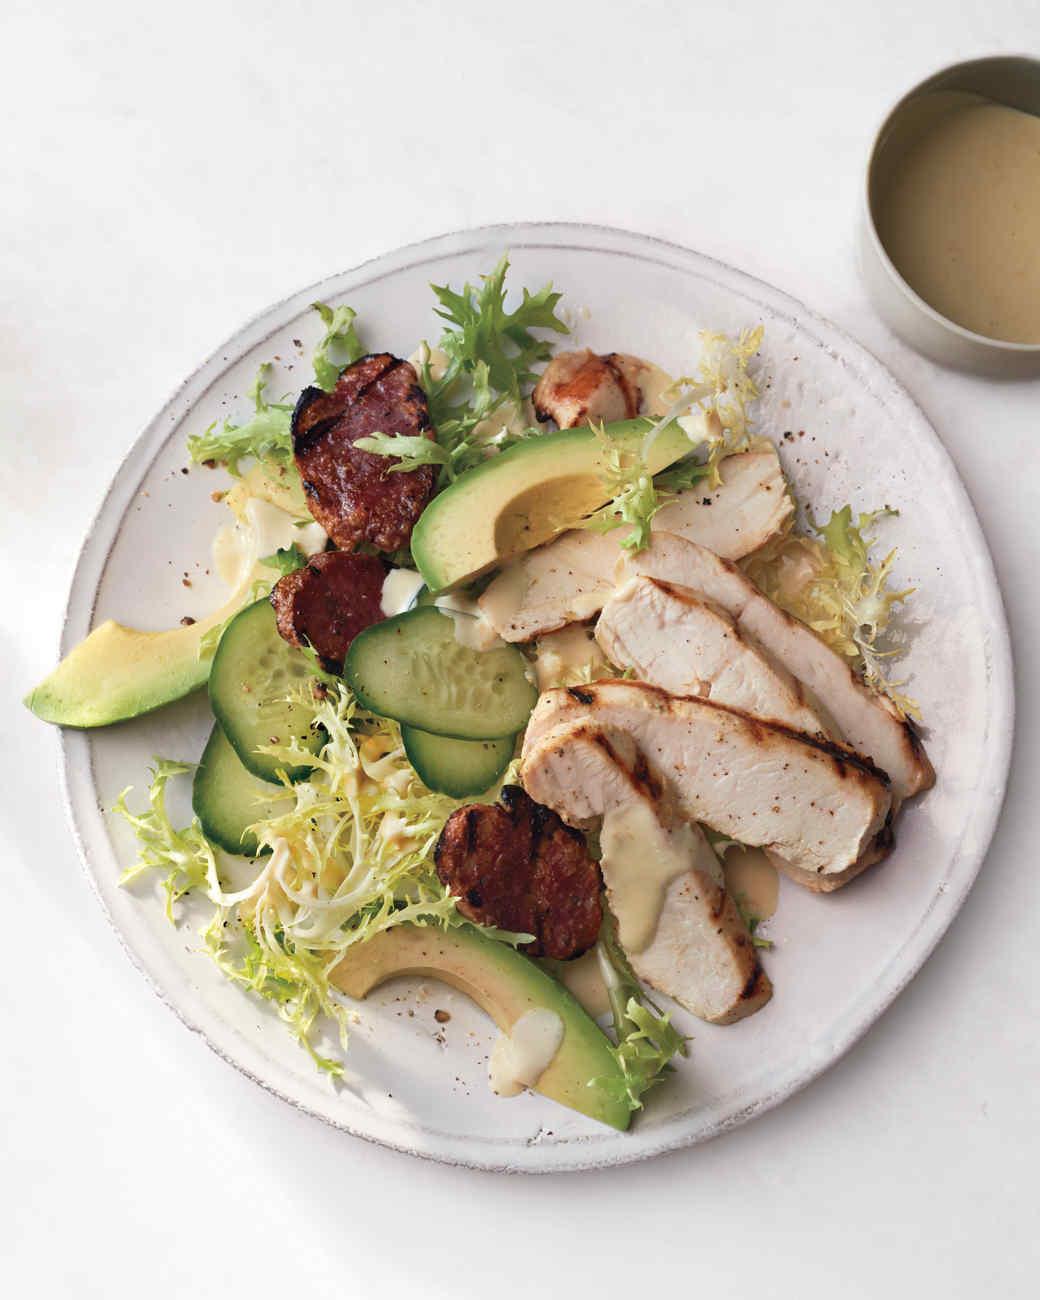 grilled-chicken-salad-354-d111129.jpg